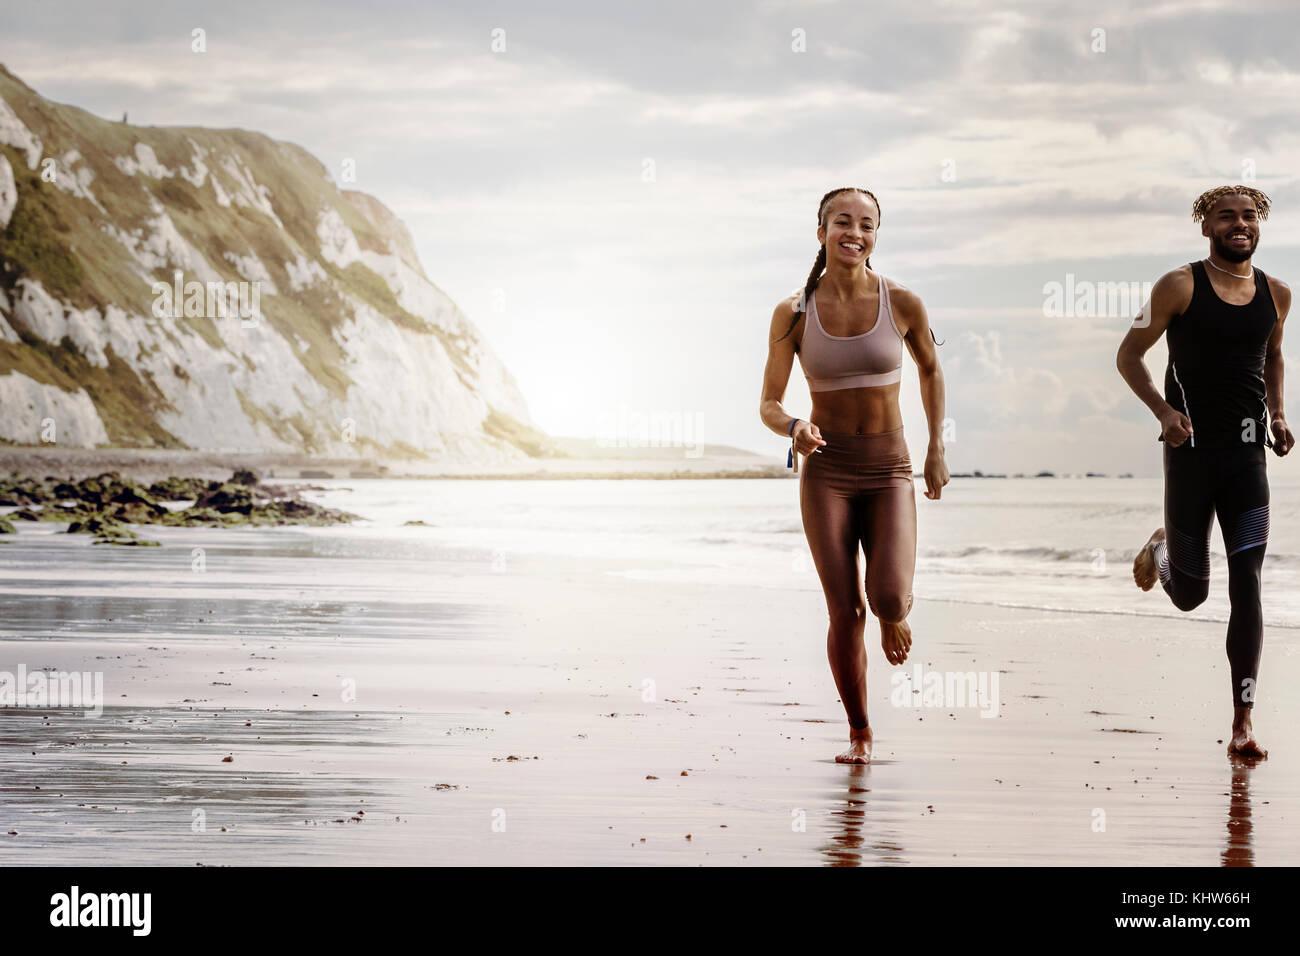 Les jeunes coureurs, garçons et filles en marche pieds nus sur la plage Photo Stock